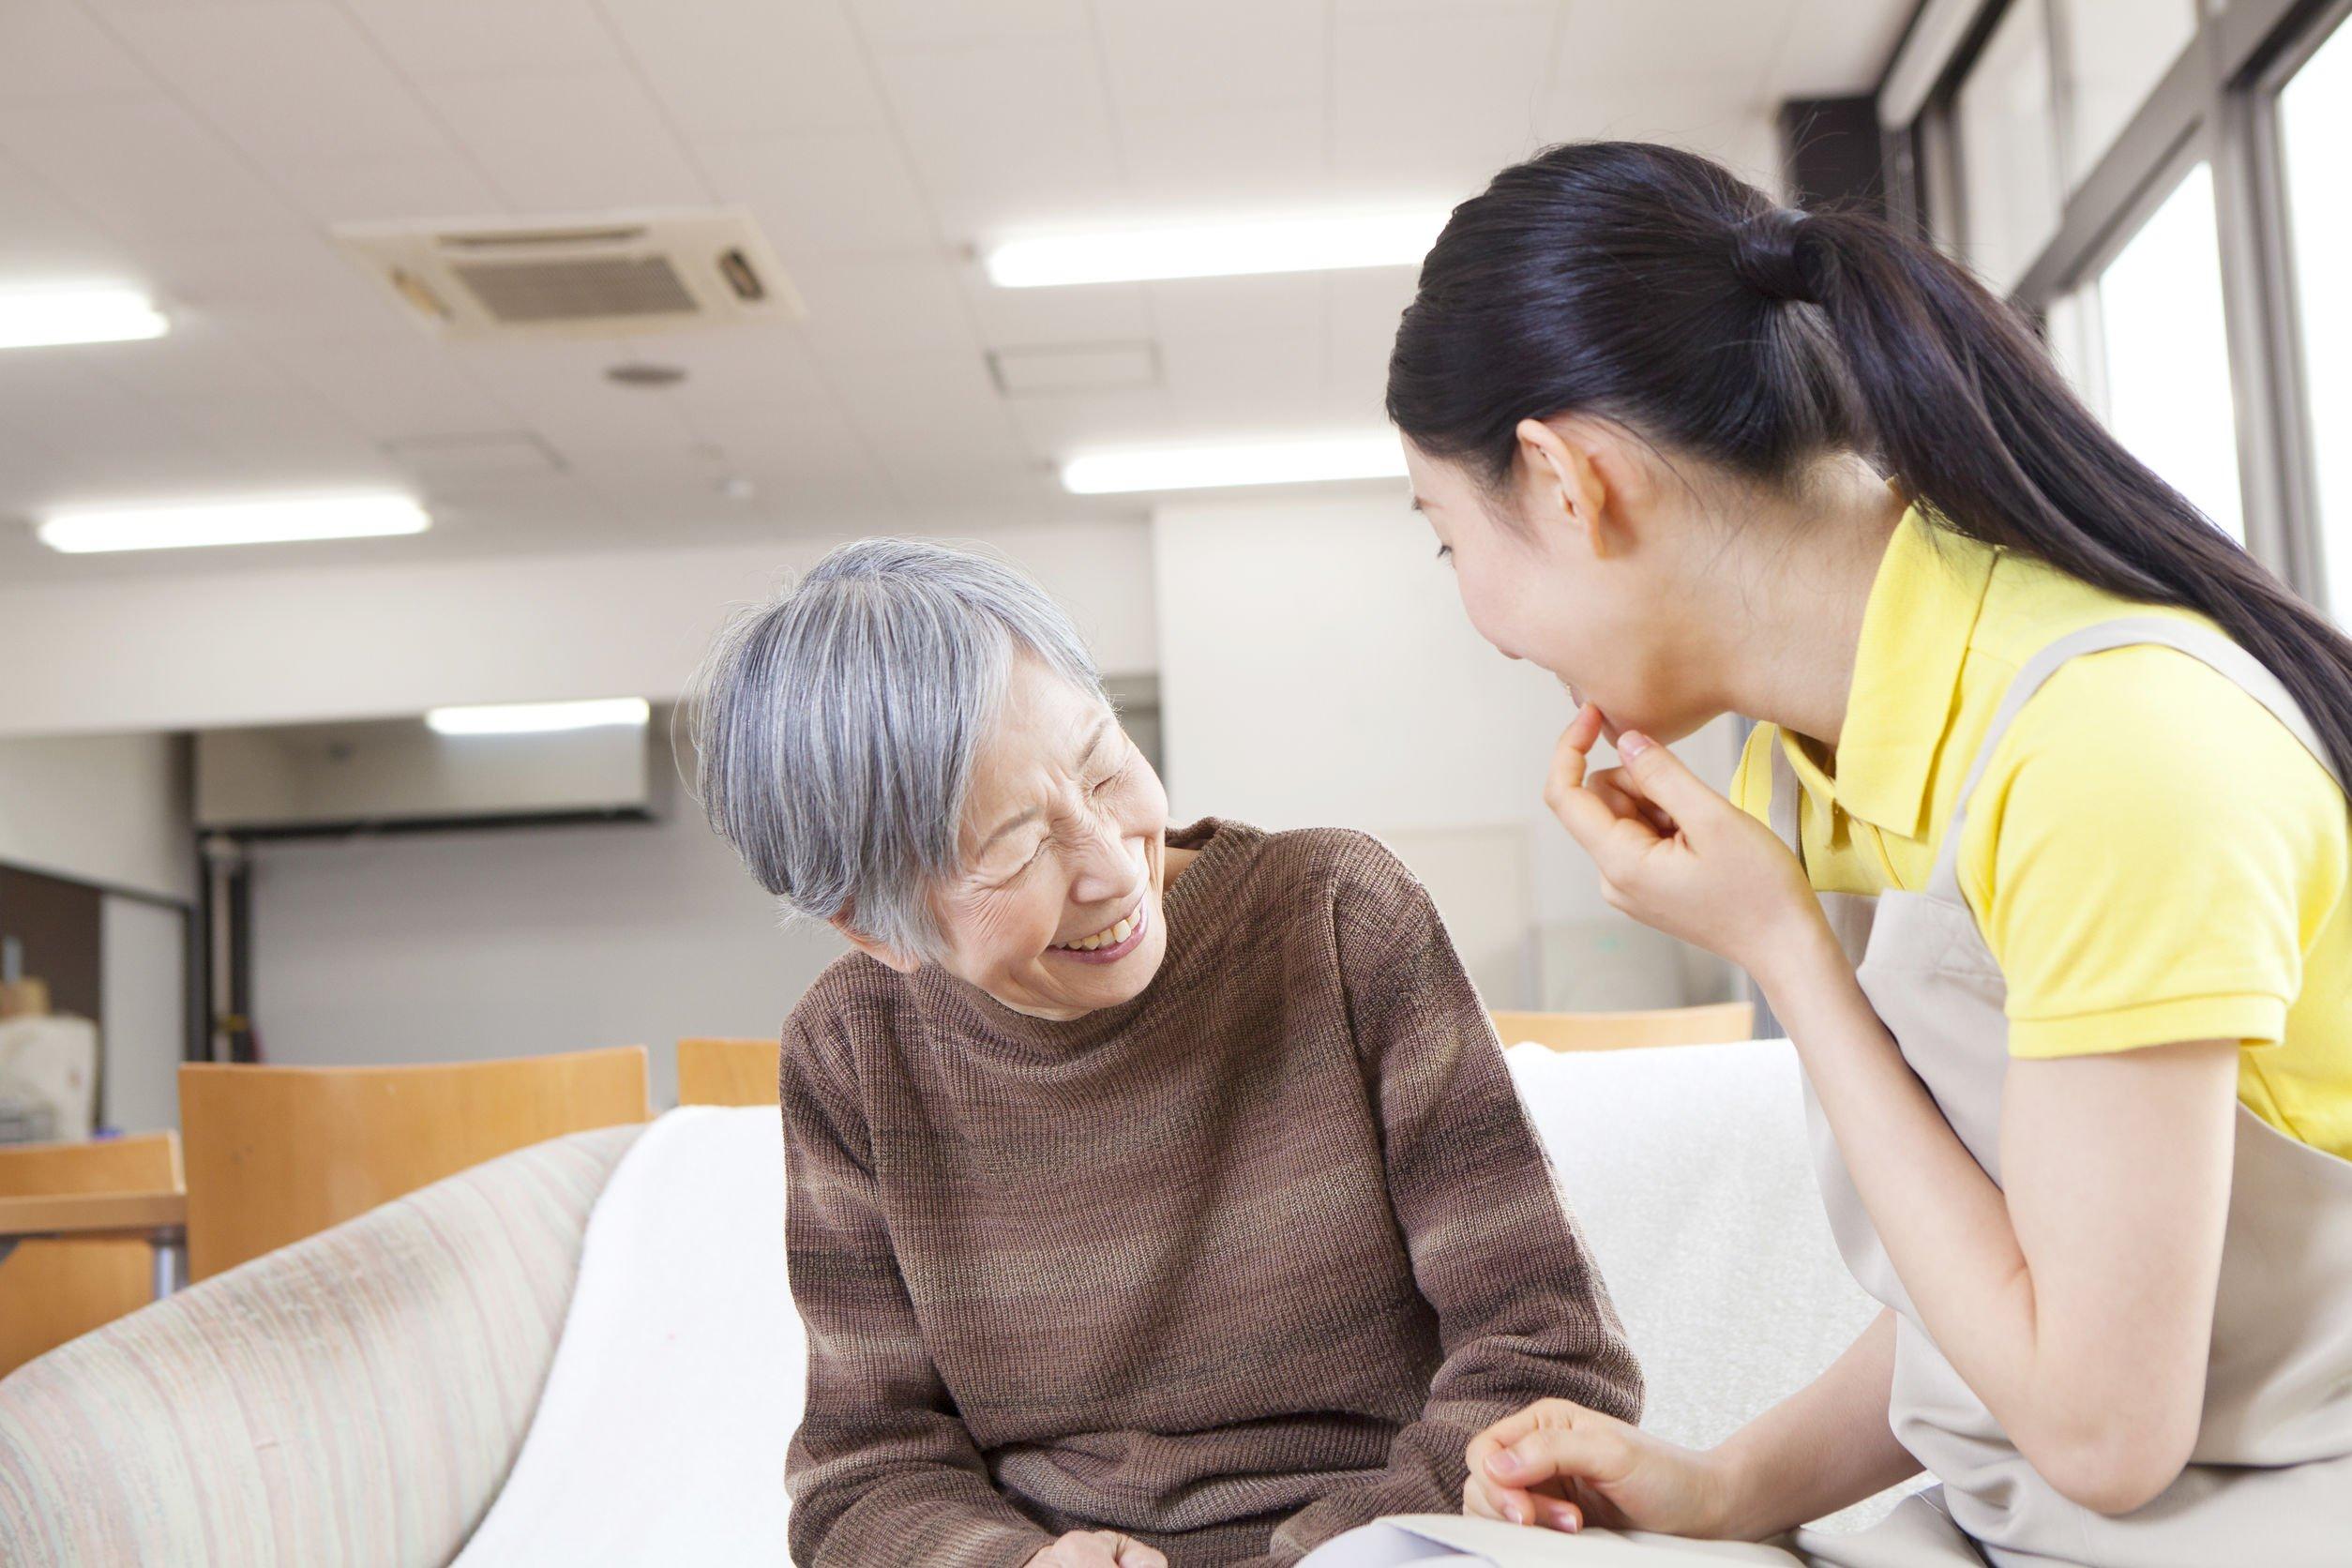 Senhora asiática, idosa, sentada em cama ao lado mulher cuidadora, sorrindo enquanto conversam